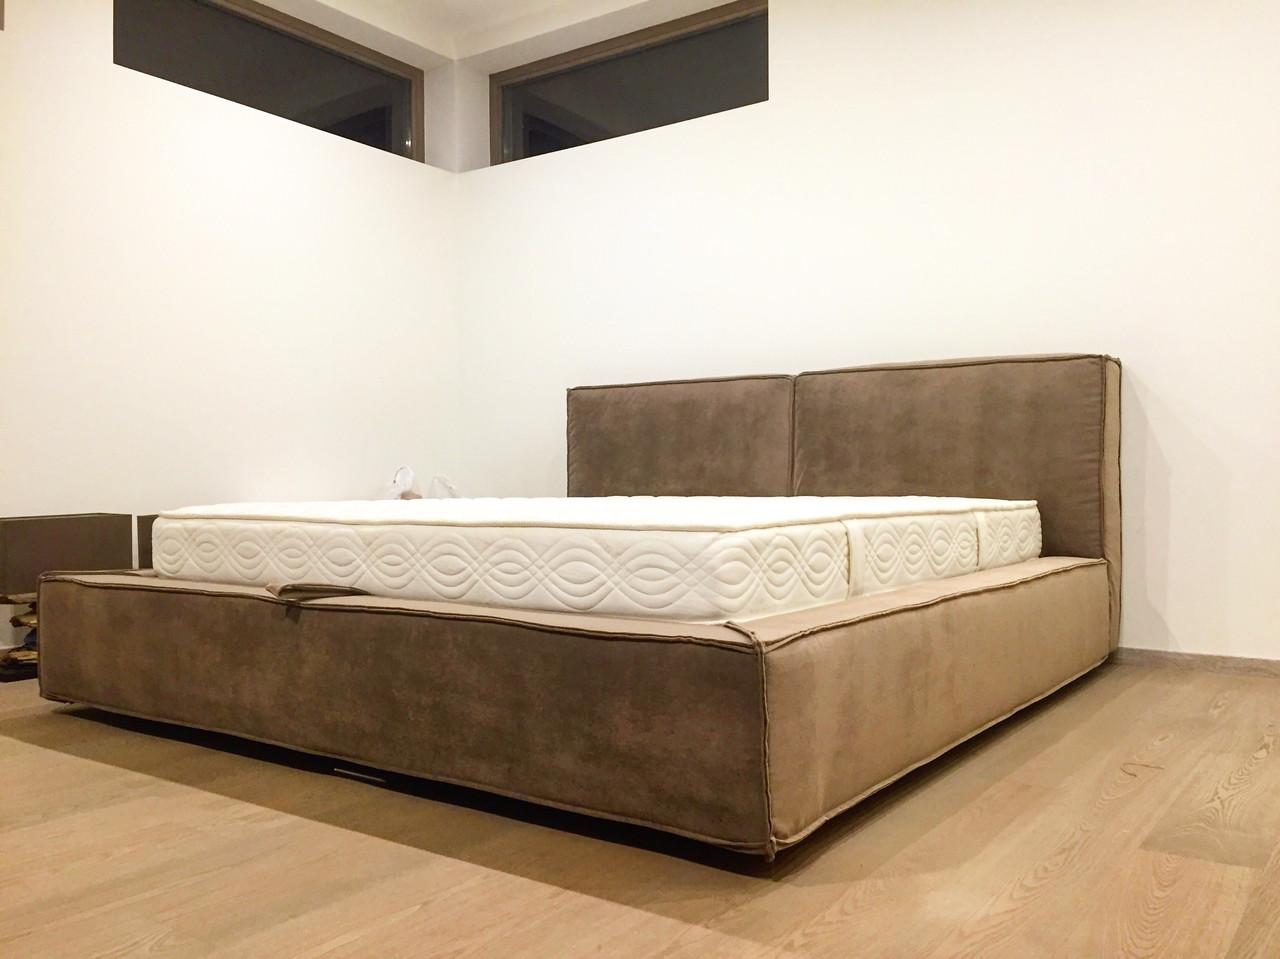 Купить кровать в сочи недорого с матрасом